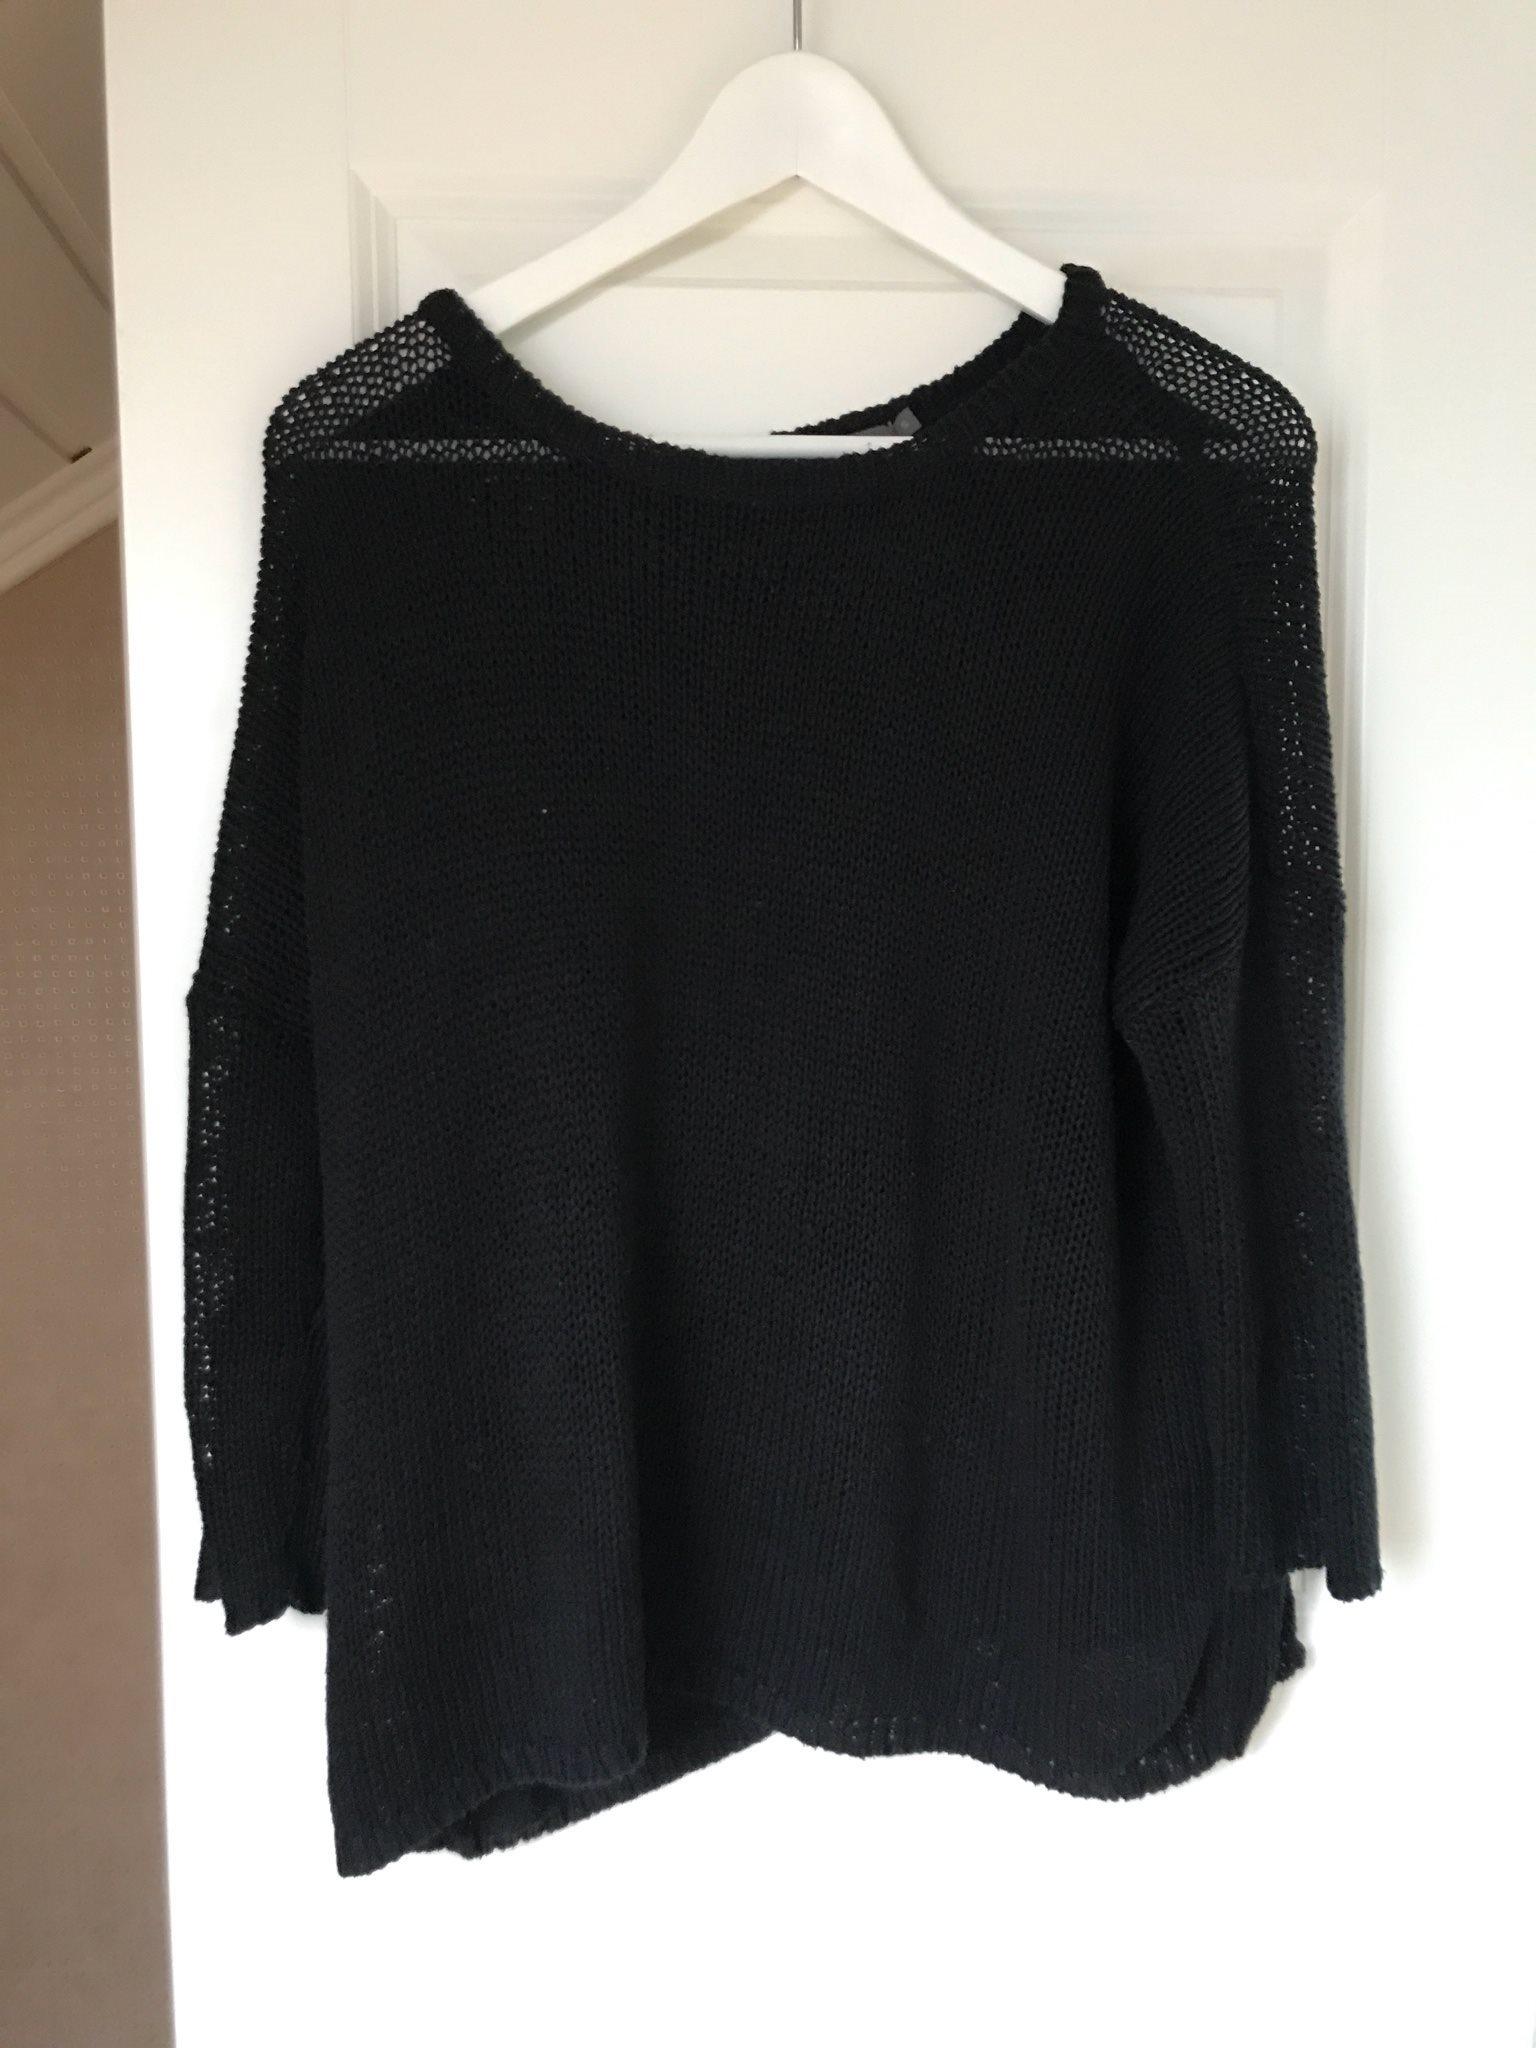 svart stickad tröja